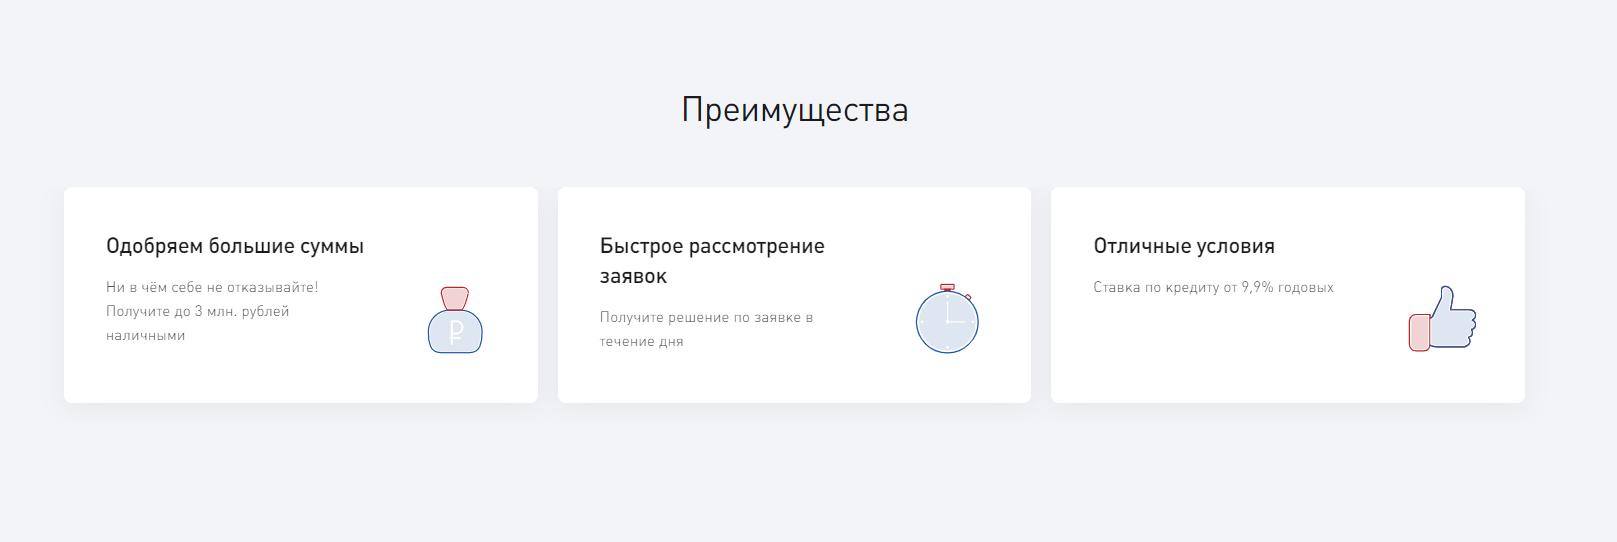 kredit-nalichnymi-vostochnyj-bank_1